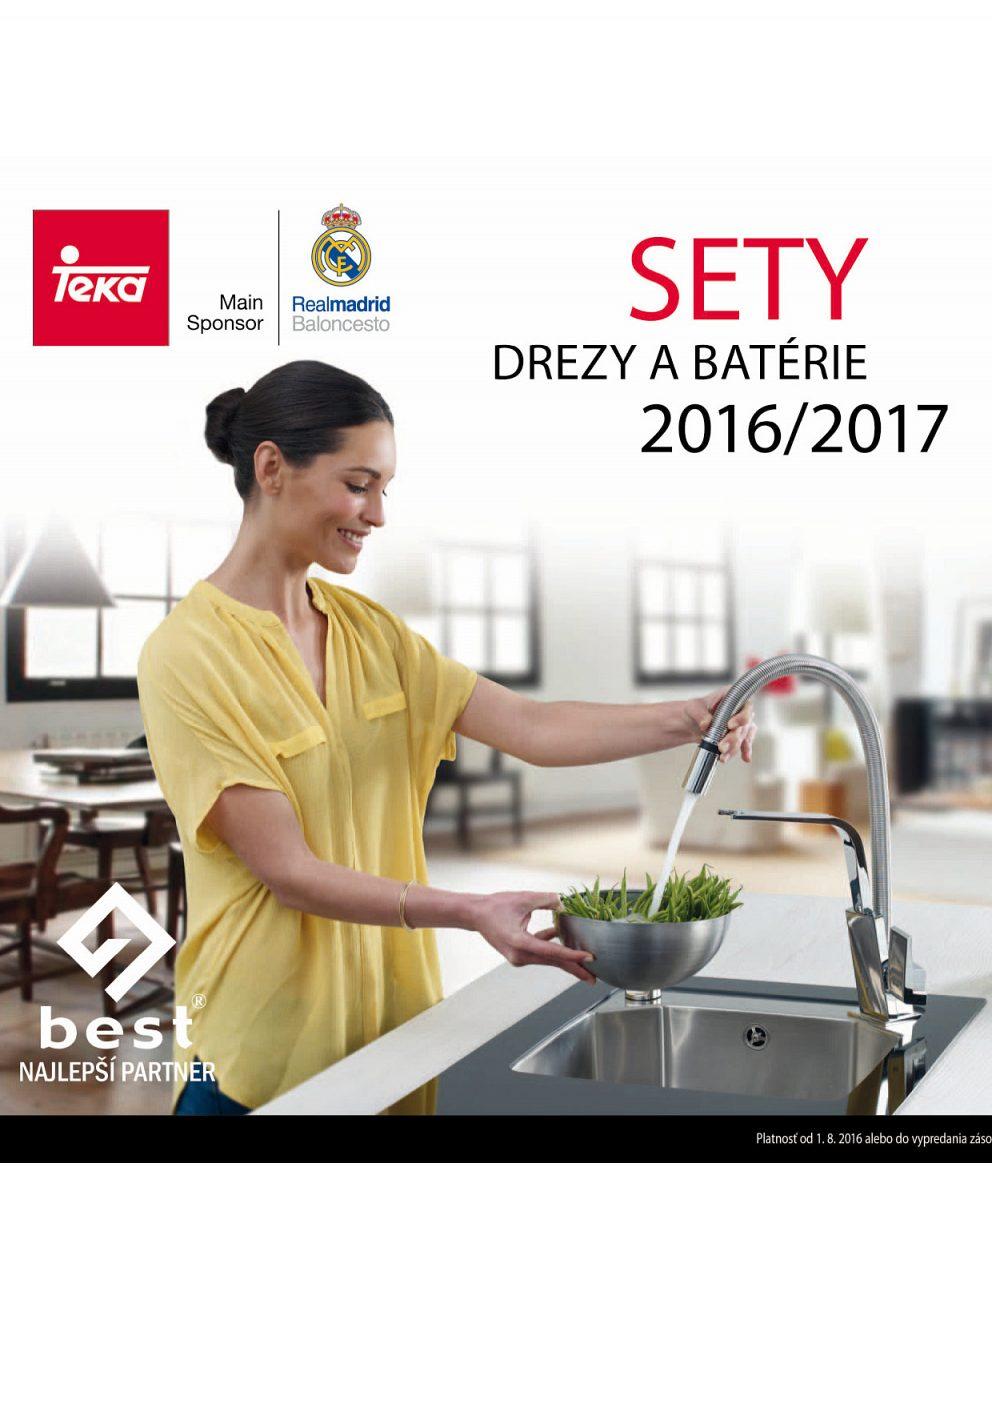 Teka Drezy a batérie 2016/2017